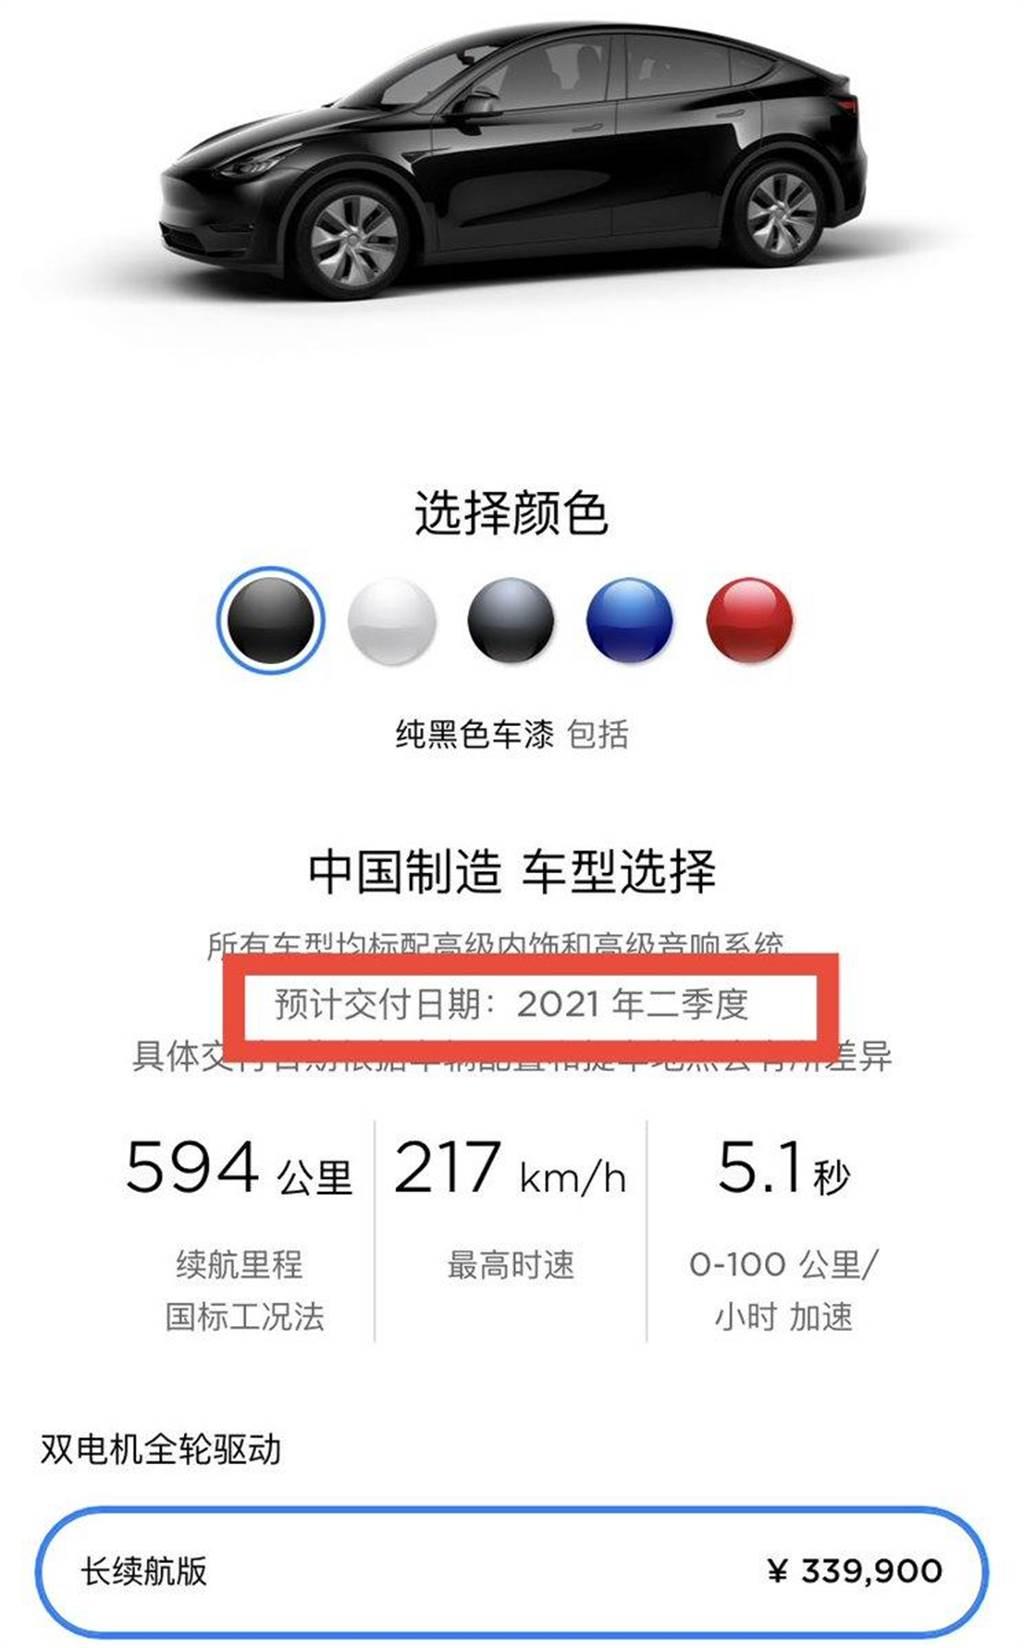 中國 Model Y 第一季產能已被搶光光,現在訂車恐要等半年!